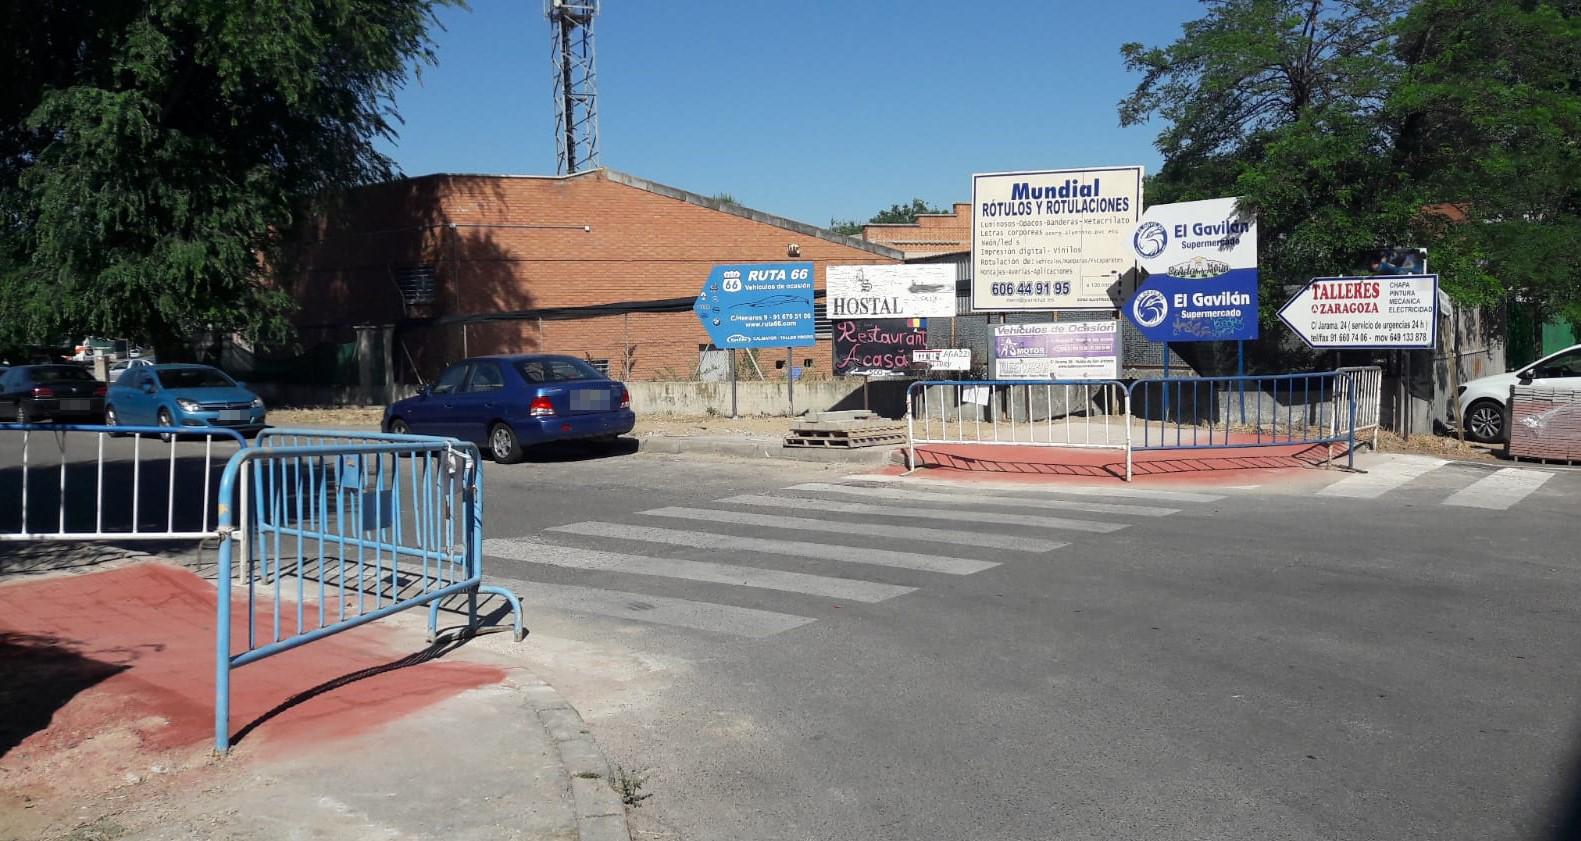 Continúan los trabajos para mejorar la accesibilidad en el municipio